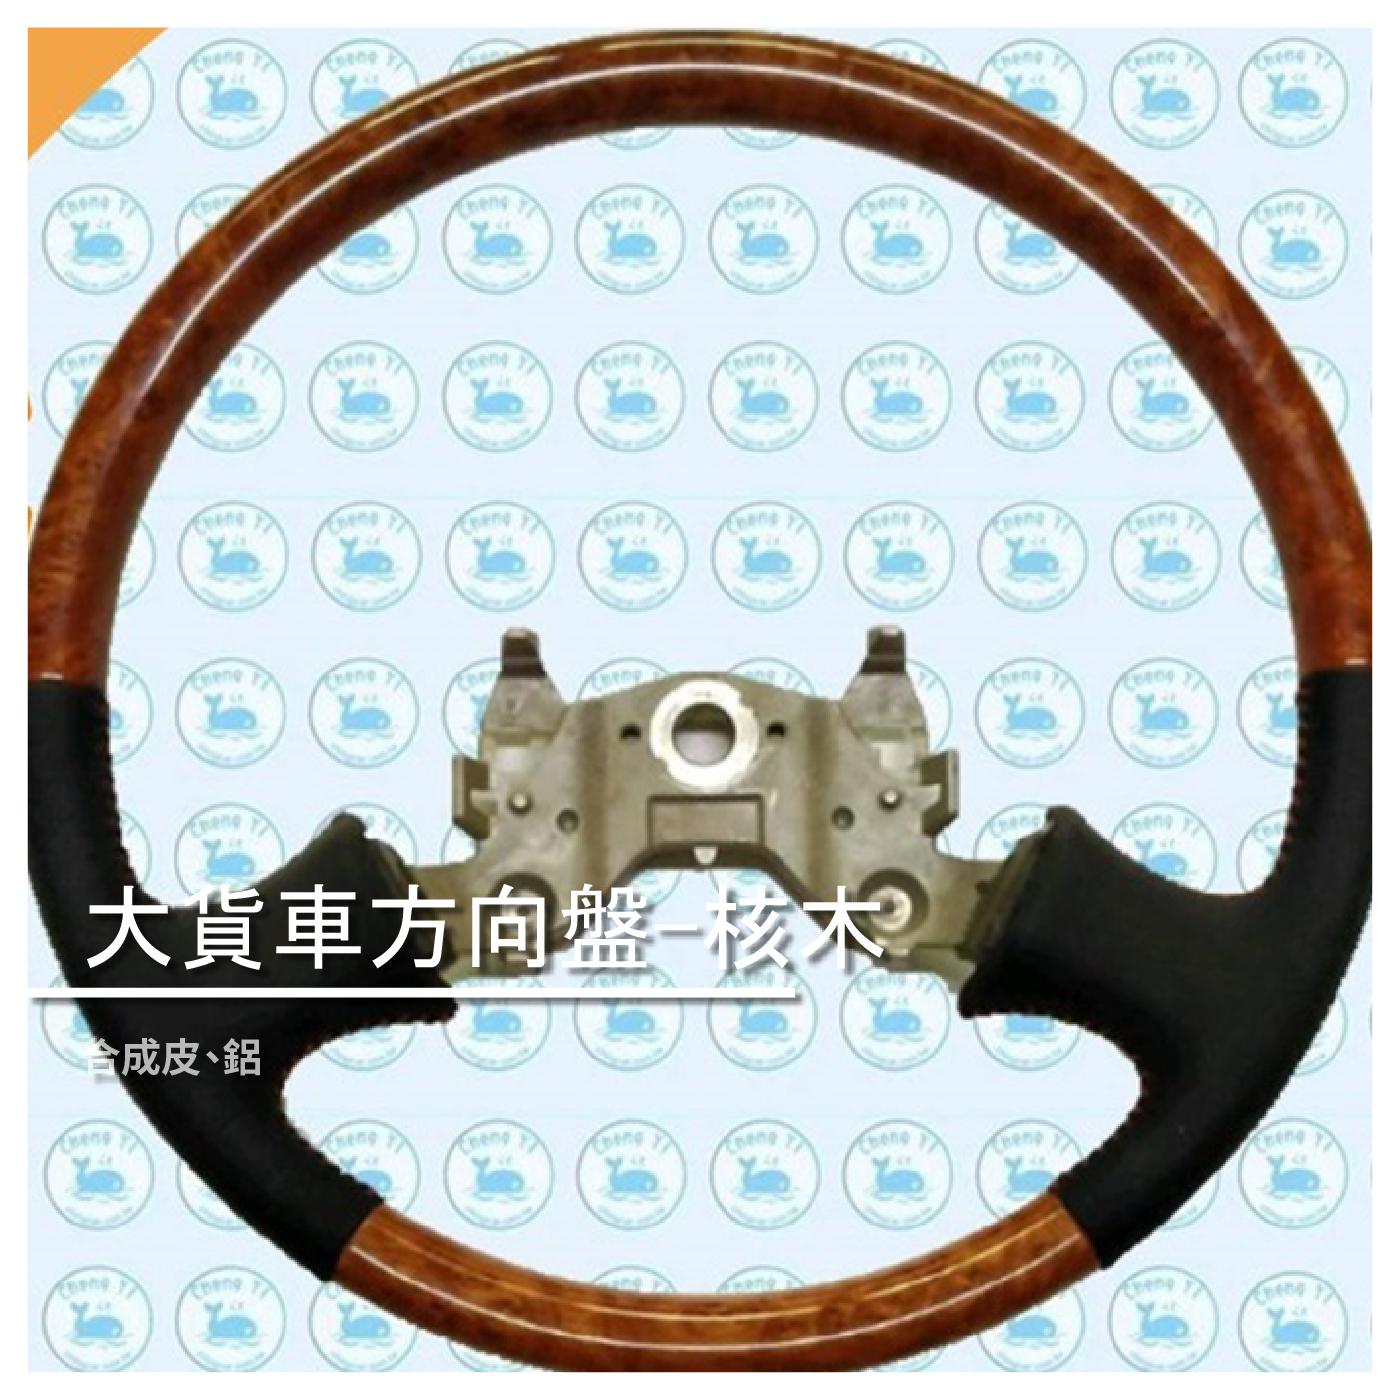 【承毅汽車材料行】原廠型-大貨車方向盤-核木 / 方向盤 / 專車